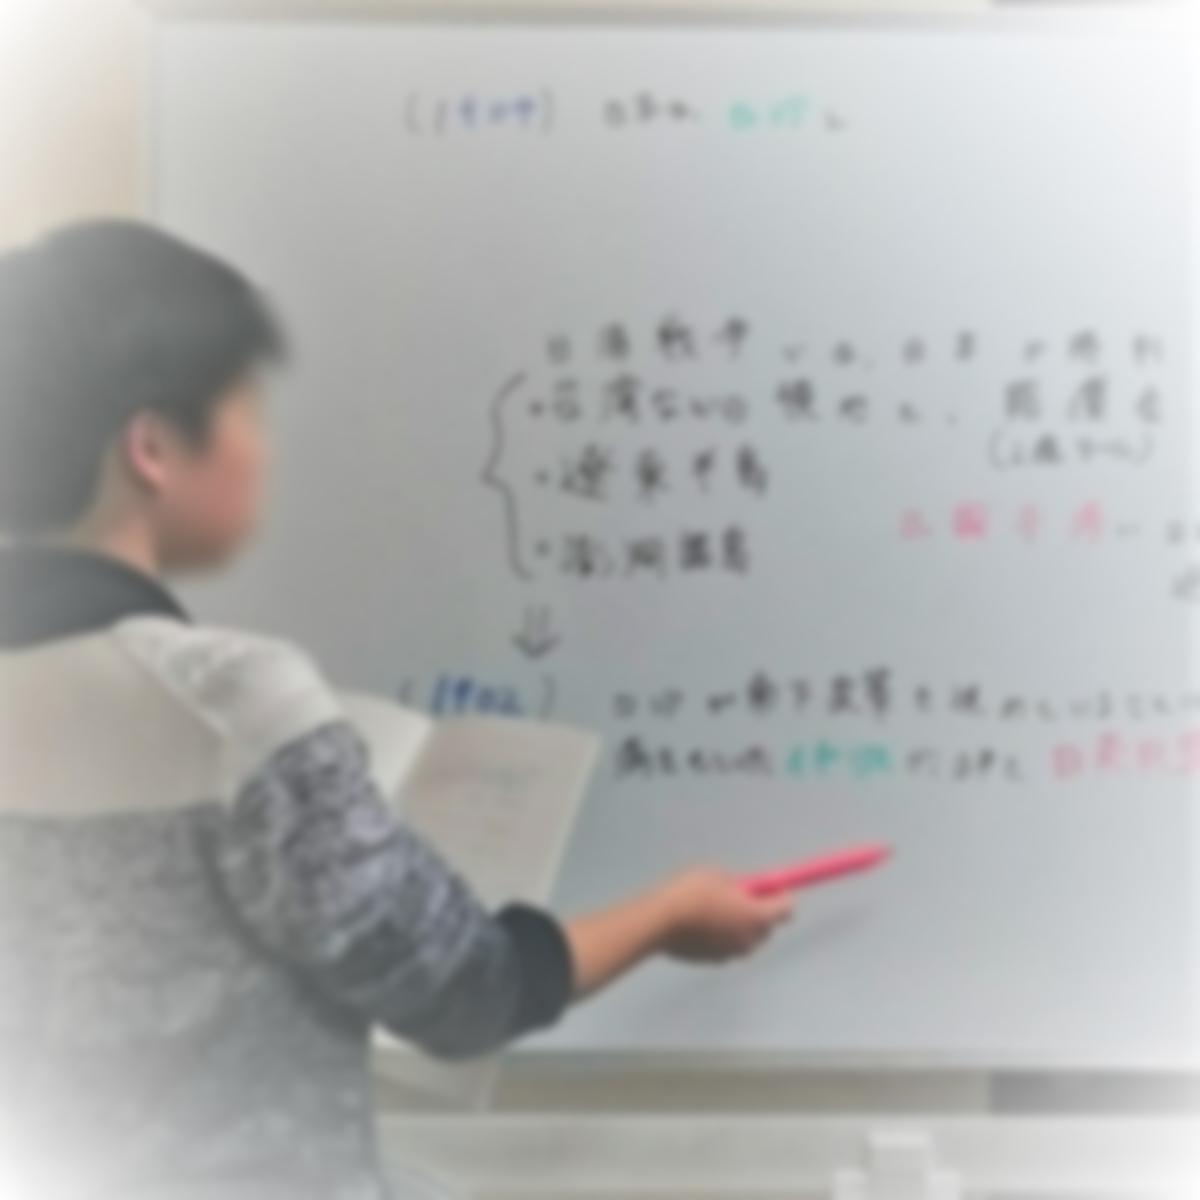 生徒が解説する授業